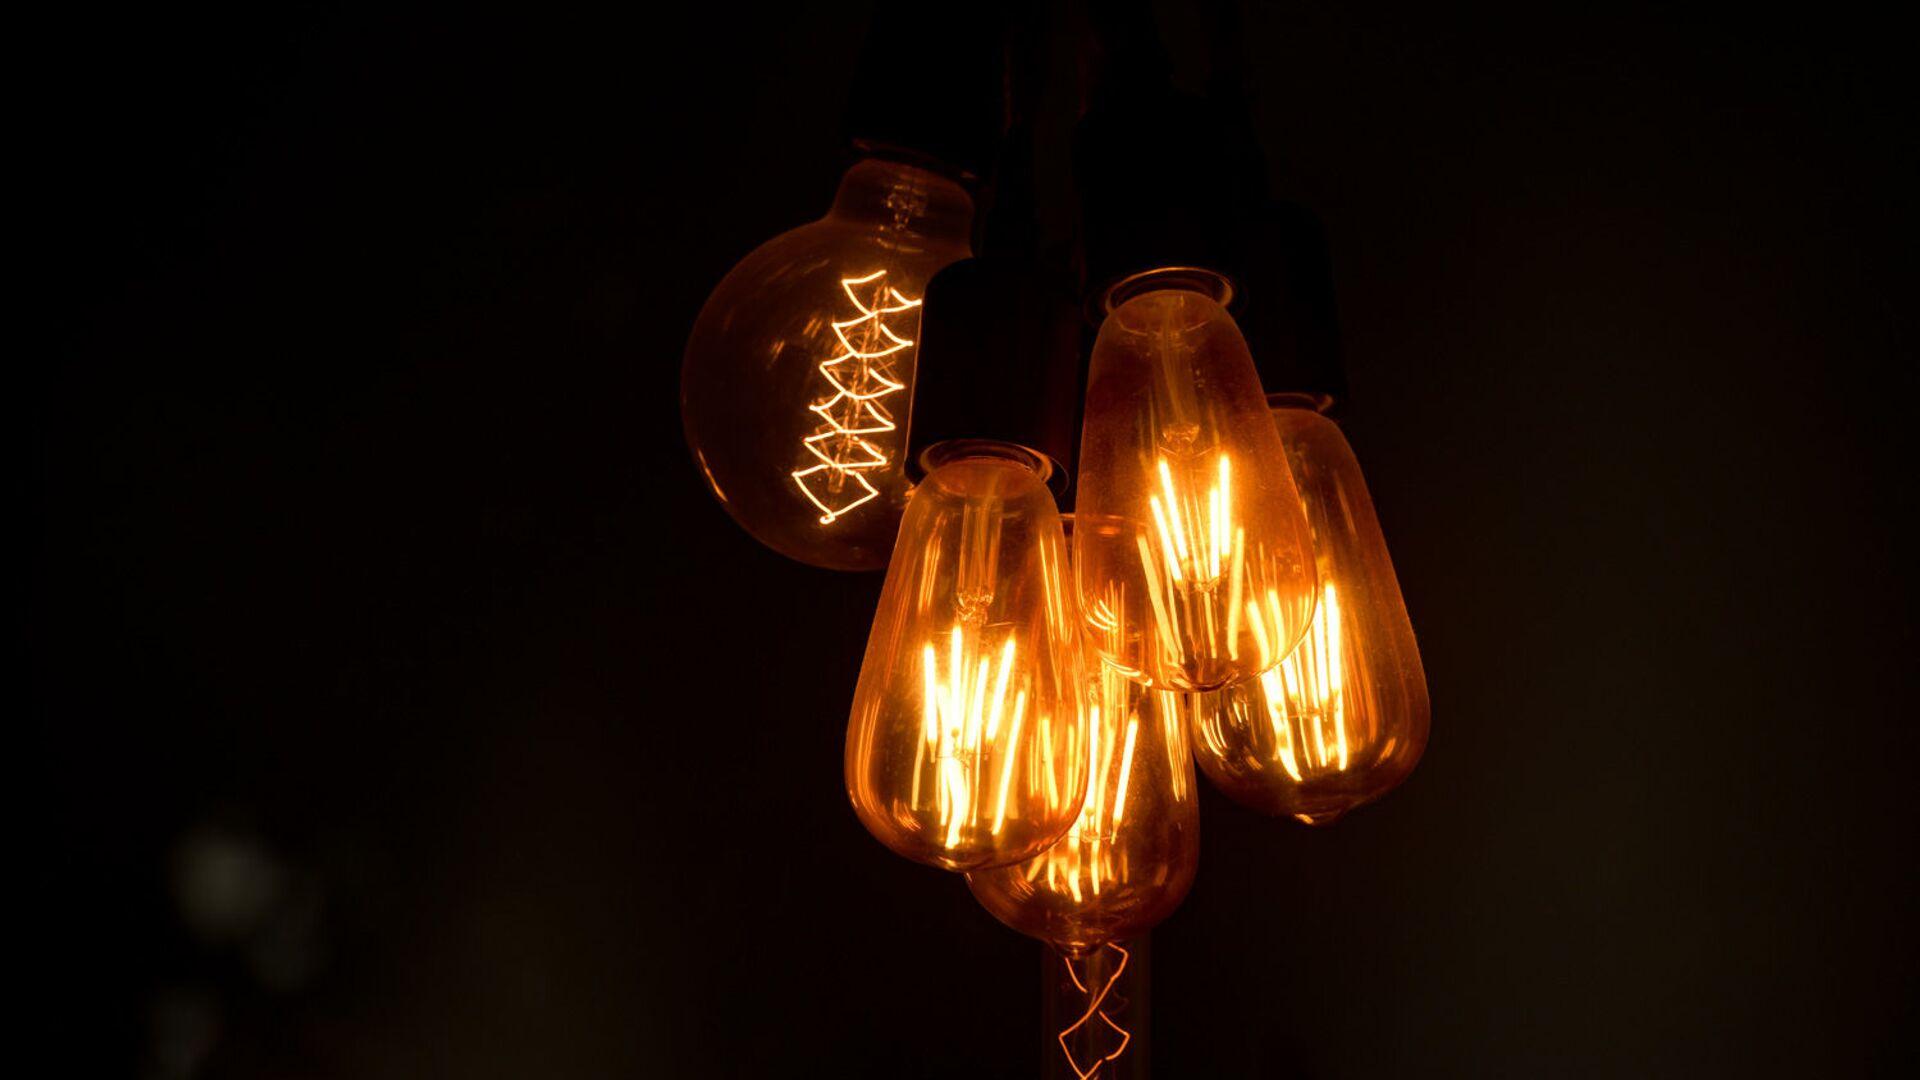 Лампочки  - Sputnik Аҧсны, 1920, 11.10.2021